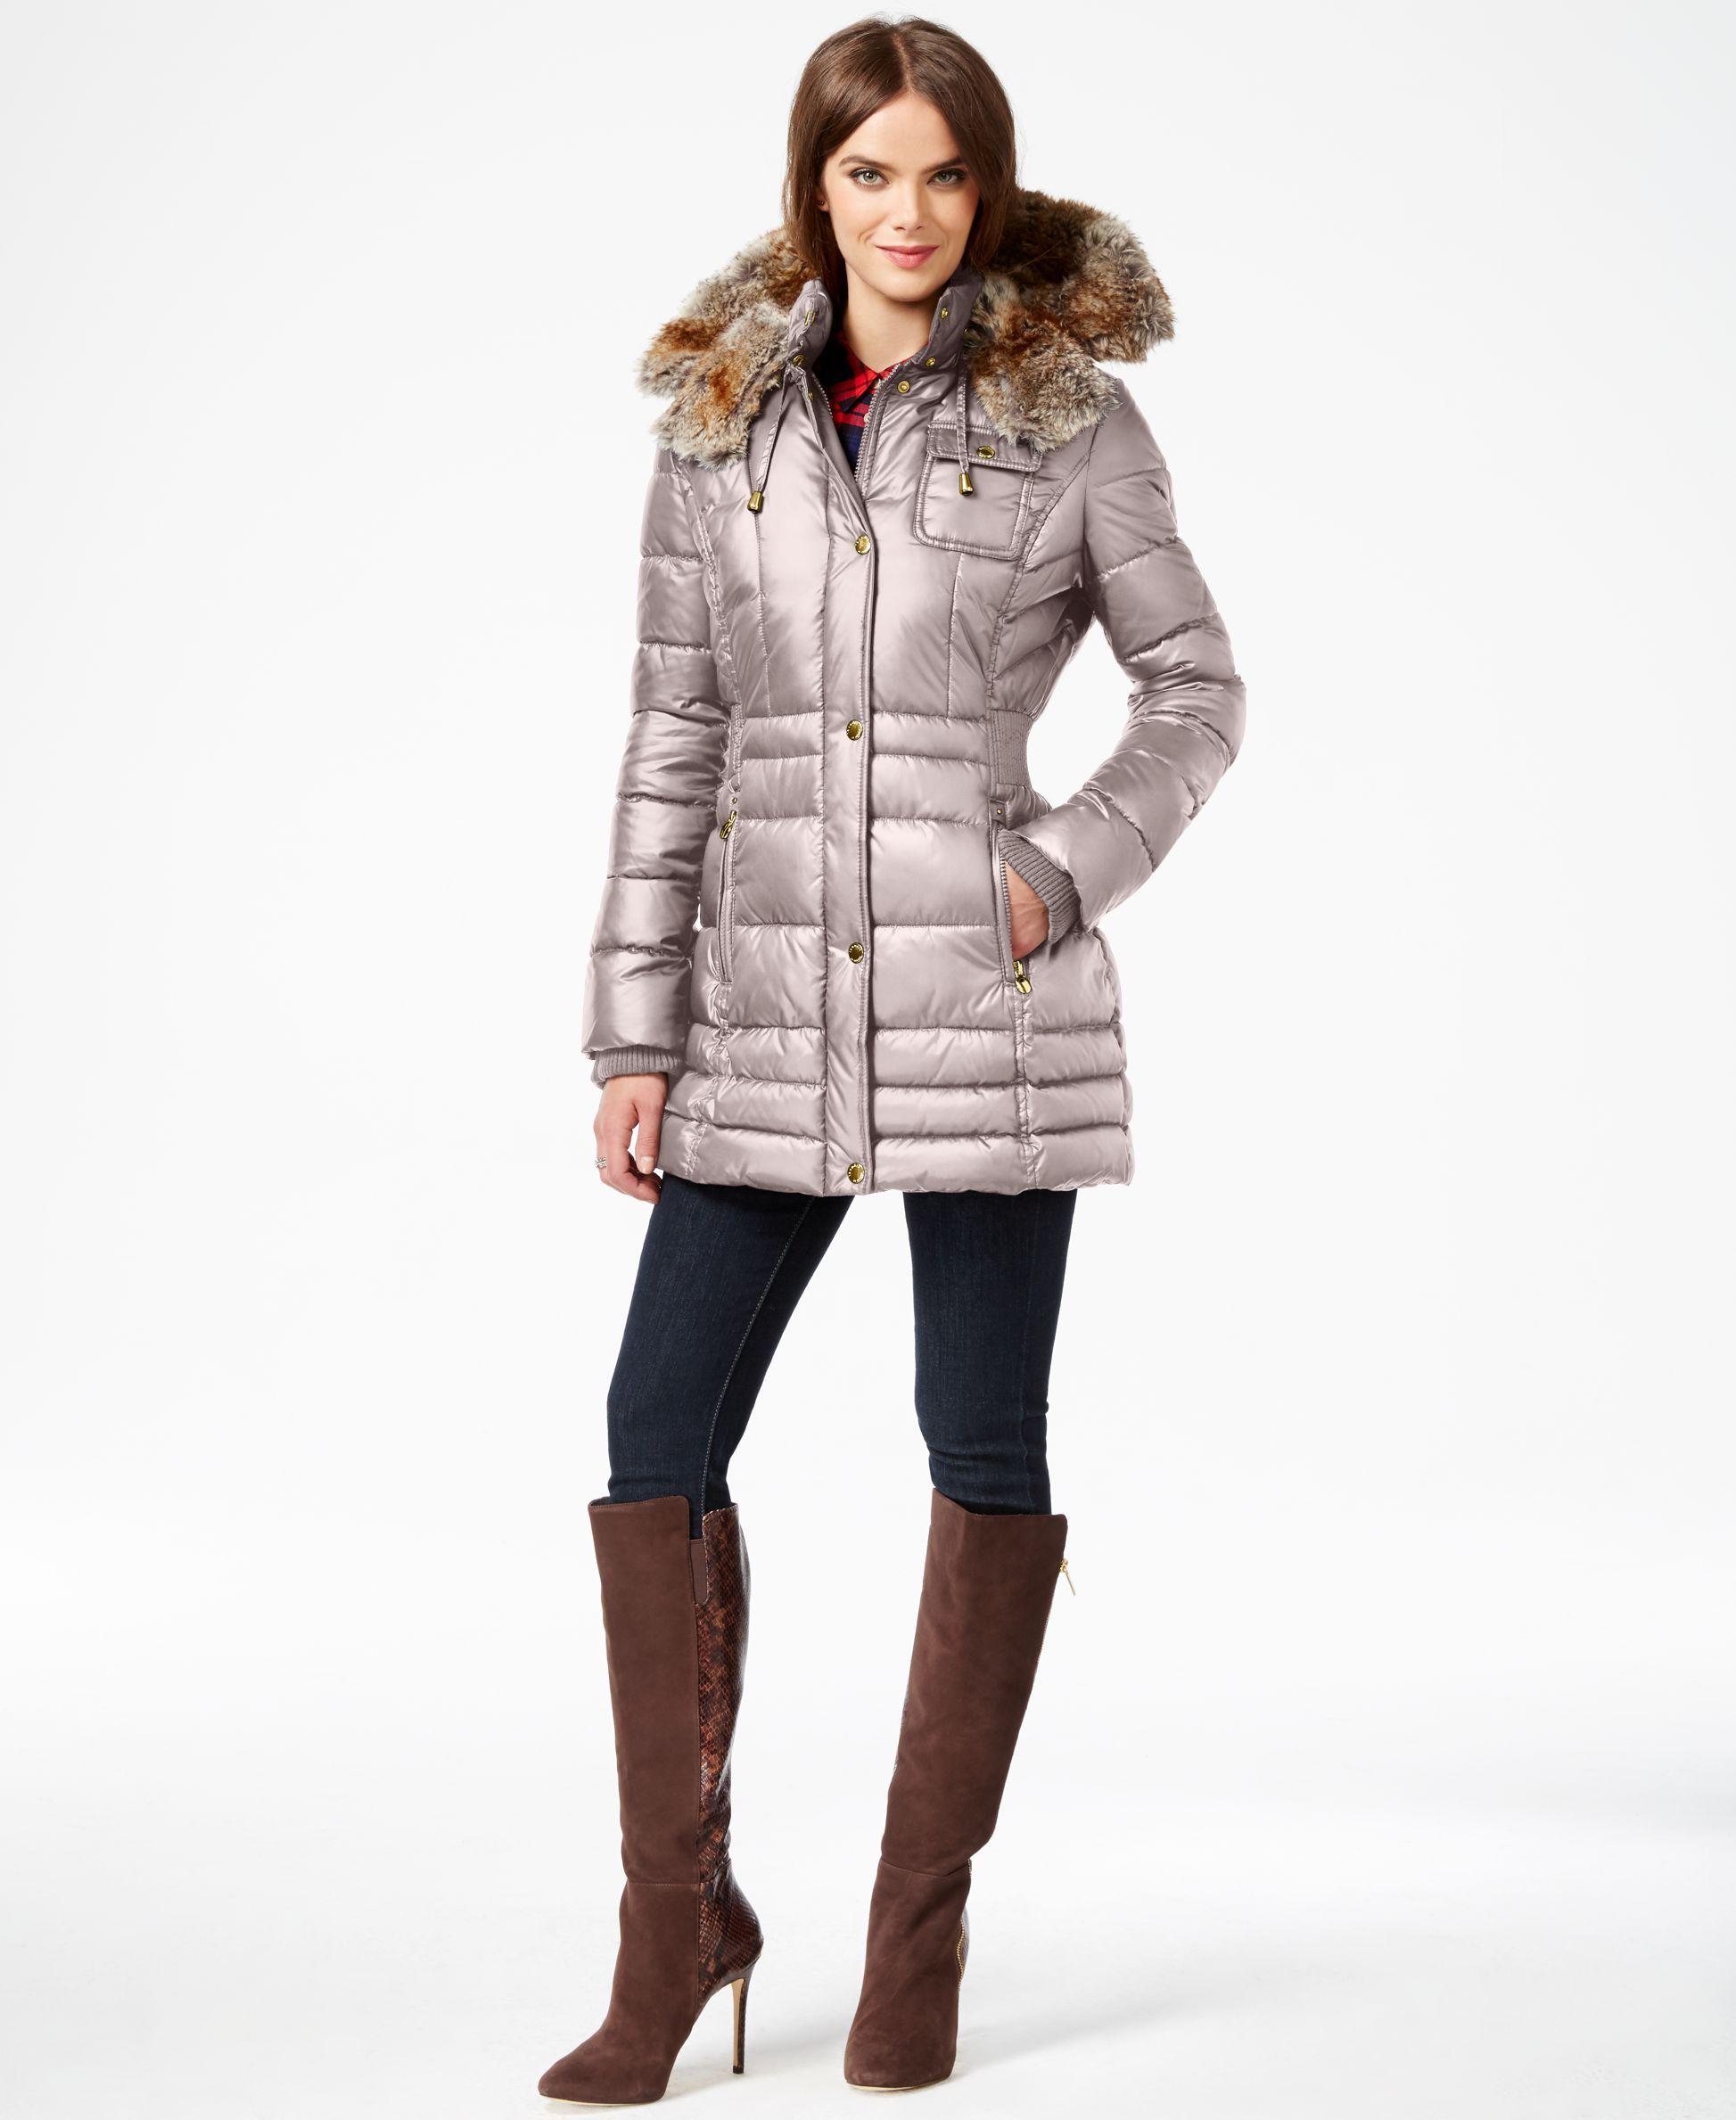 afc5f0401 Laundry by Design Plus Size Faux-Fur-Trim Plus Size Puffer Coat ...